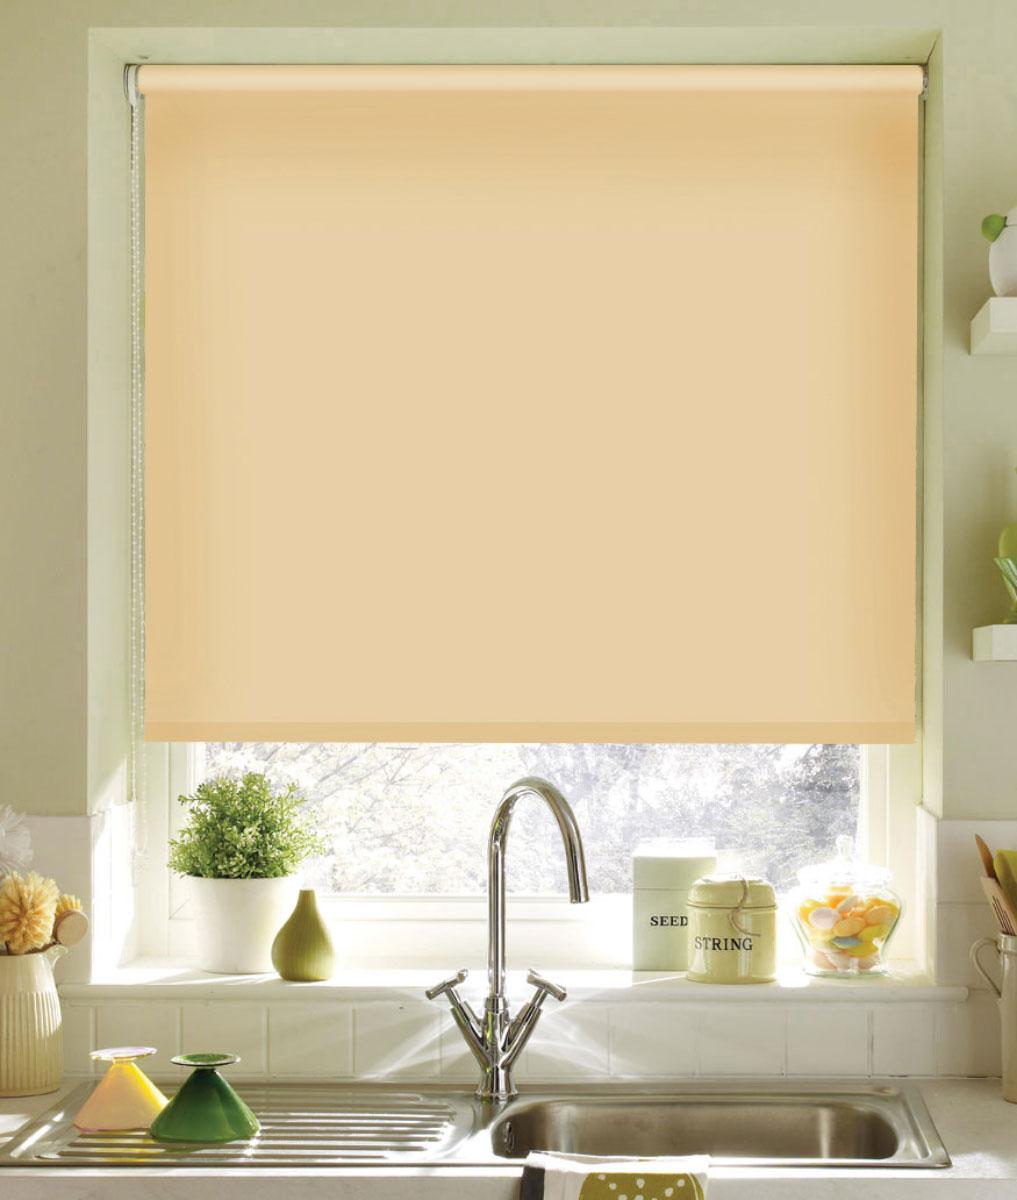 Штора рулонная KauffOrt Миниролло, цвет: светлый абрикос, ширина 68 см, высота 170 см3068112Рулонная штора KauffOrt Миниролло выполнена из высокопрочной ткани, которая сохраняет свой размер даже при намокании. Ткань не выцветает и обладает отличной цветоустойчивостью. Миниролло - это подвид рулонных штор, который закрывает не весь оконный проем, а непосредственно само стекло. Такие шторы крепятся на раму без сверления при помощи зажимов или клейкой двухсторонней ленты (в комплекте). Окно остается на гарантии, благодаря монтажу без сверления. Такая штора станет прекрасным элементом декора окна и гармонично впишется в интерьер любого помещения.